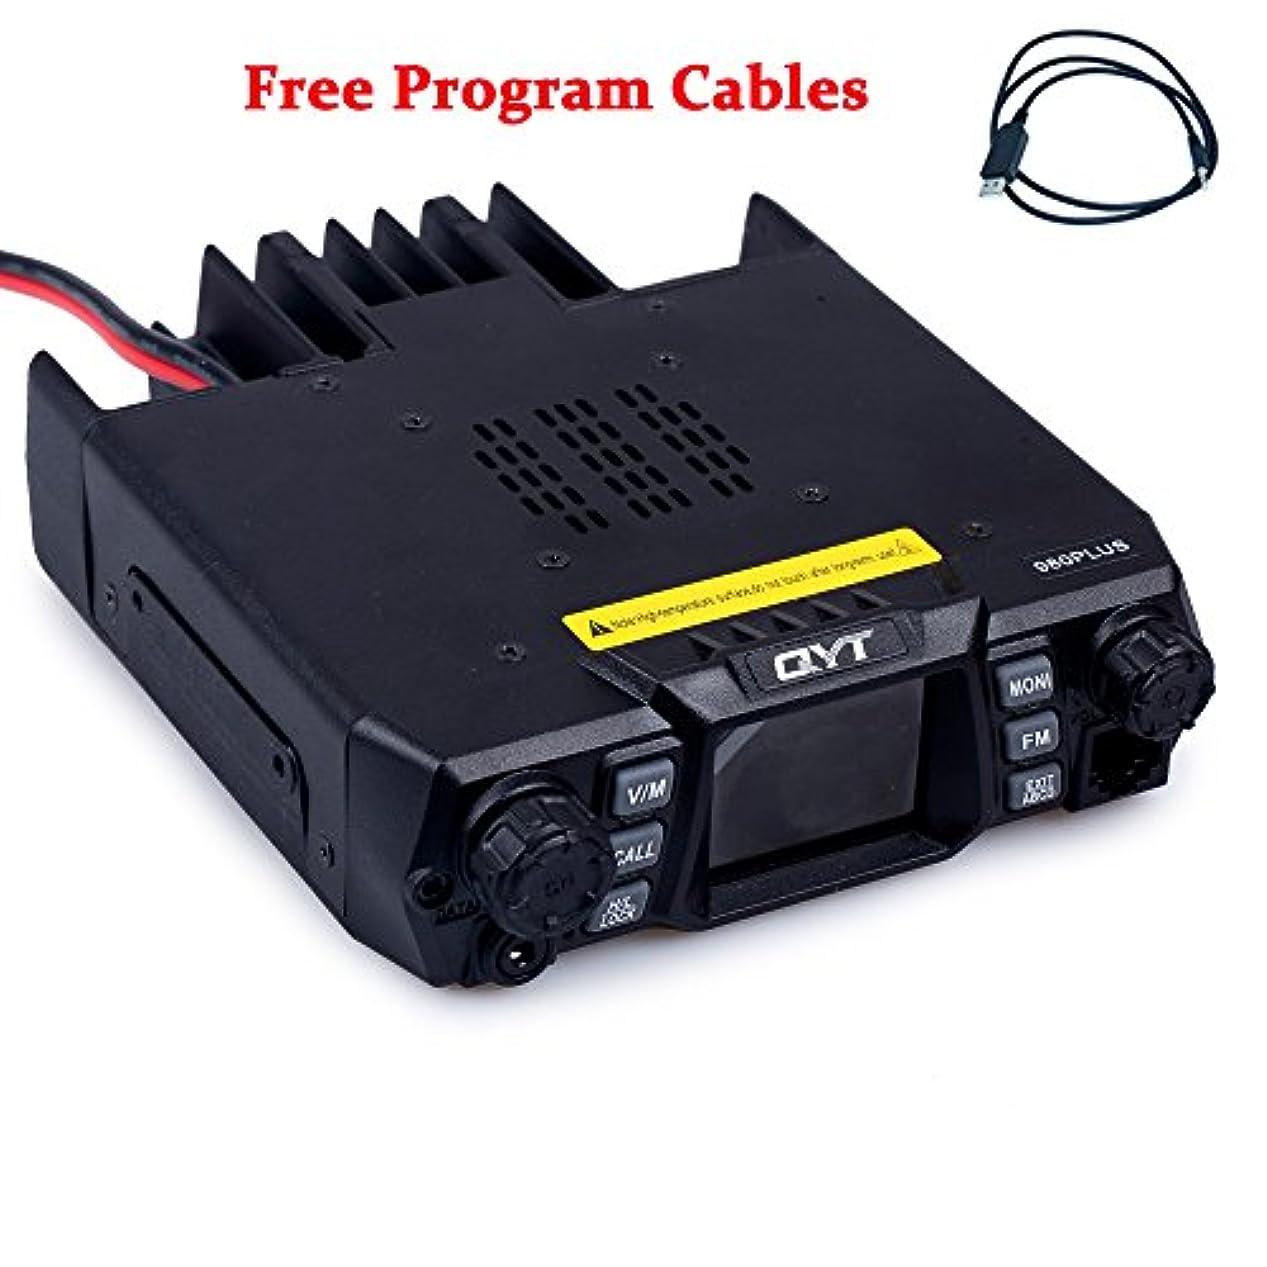 個人設計図信頼性のあるQYT KT-980PLUS (第2世代) モバイルラジオ 75W(VHF)/55W(UHF) デュアルバンド クワッドスタンバイ ハムラジオ